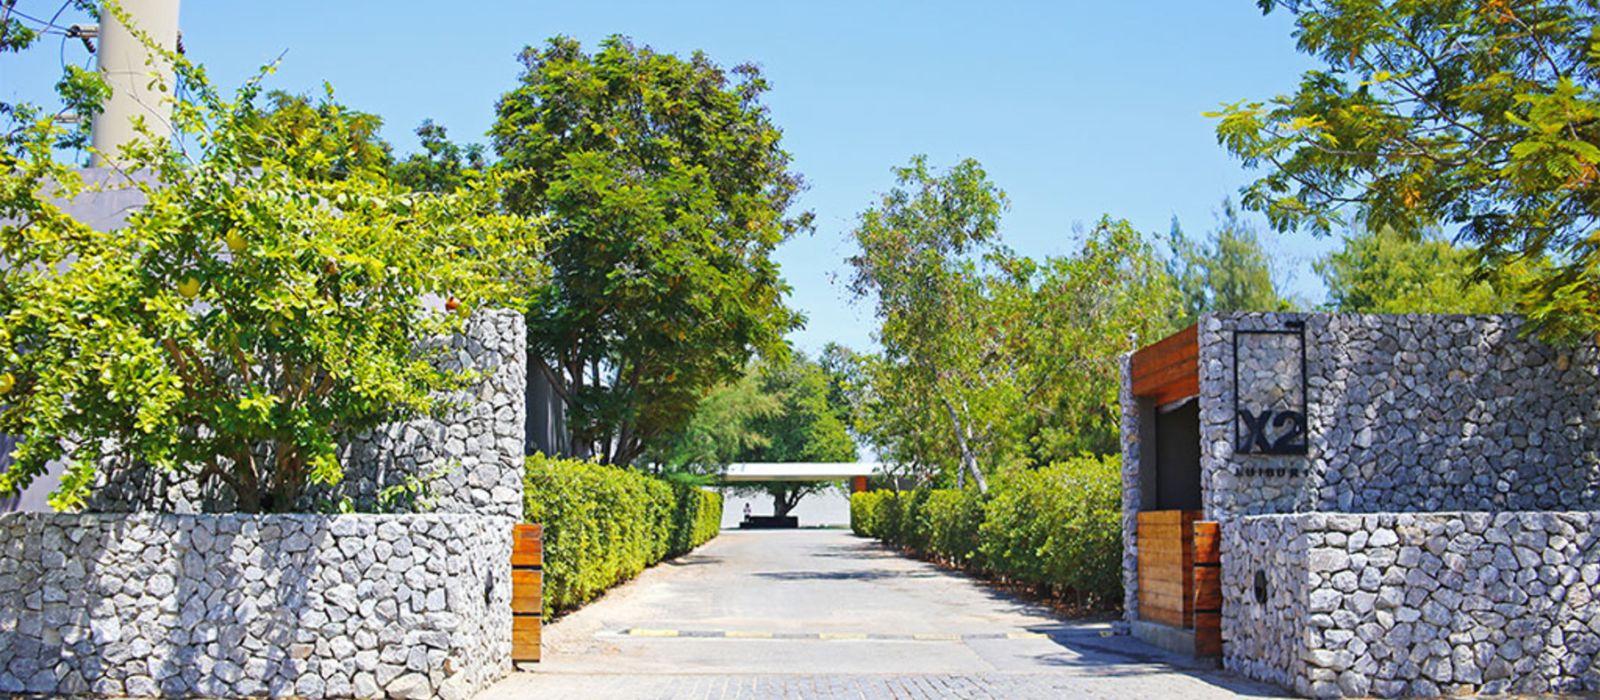 Hotel X2 Kui Buri Resort Thailand